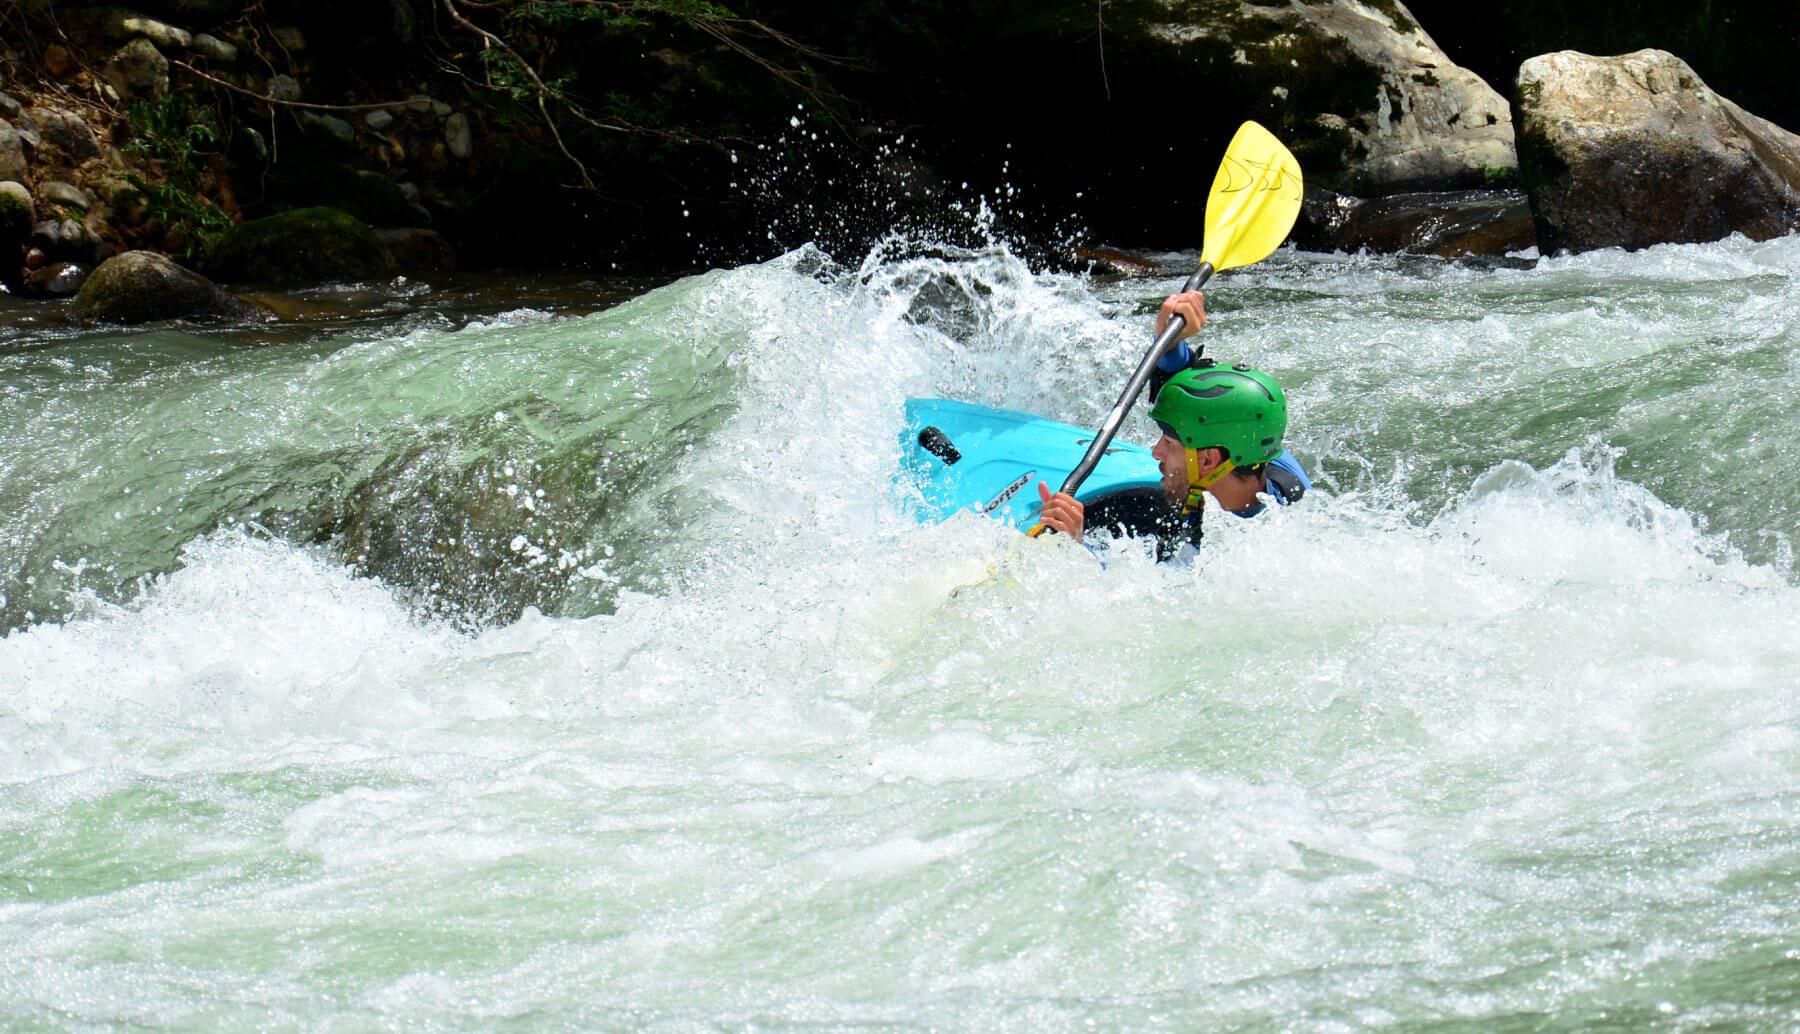 Whitewater kayak ecuador   Kayak guided tour South america